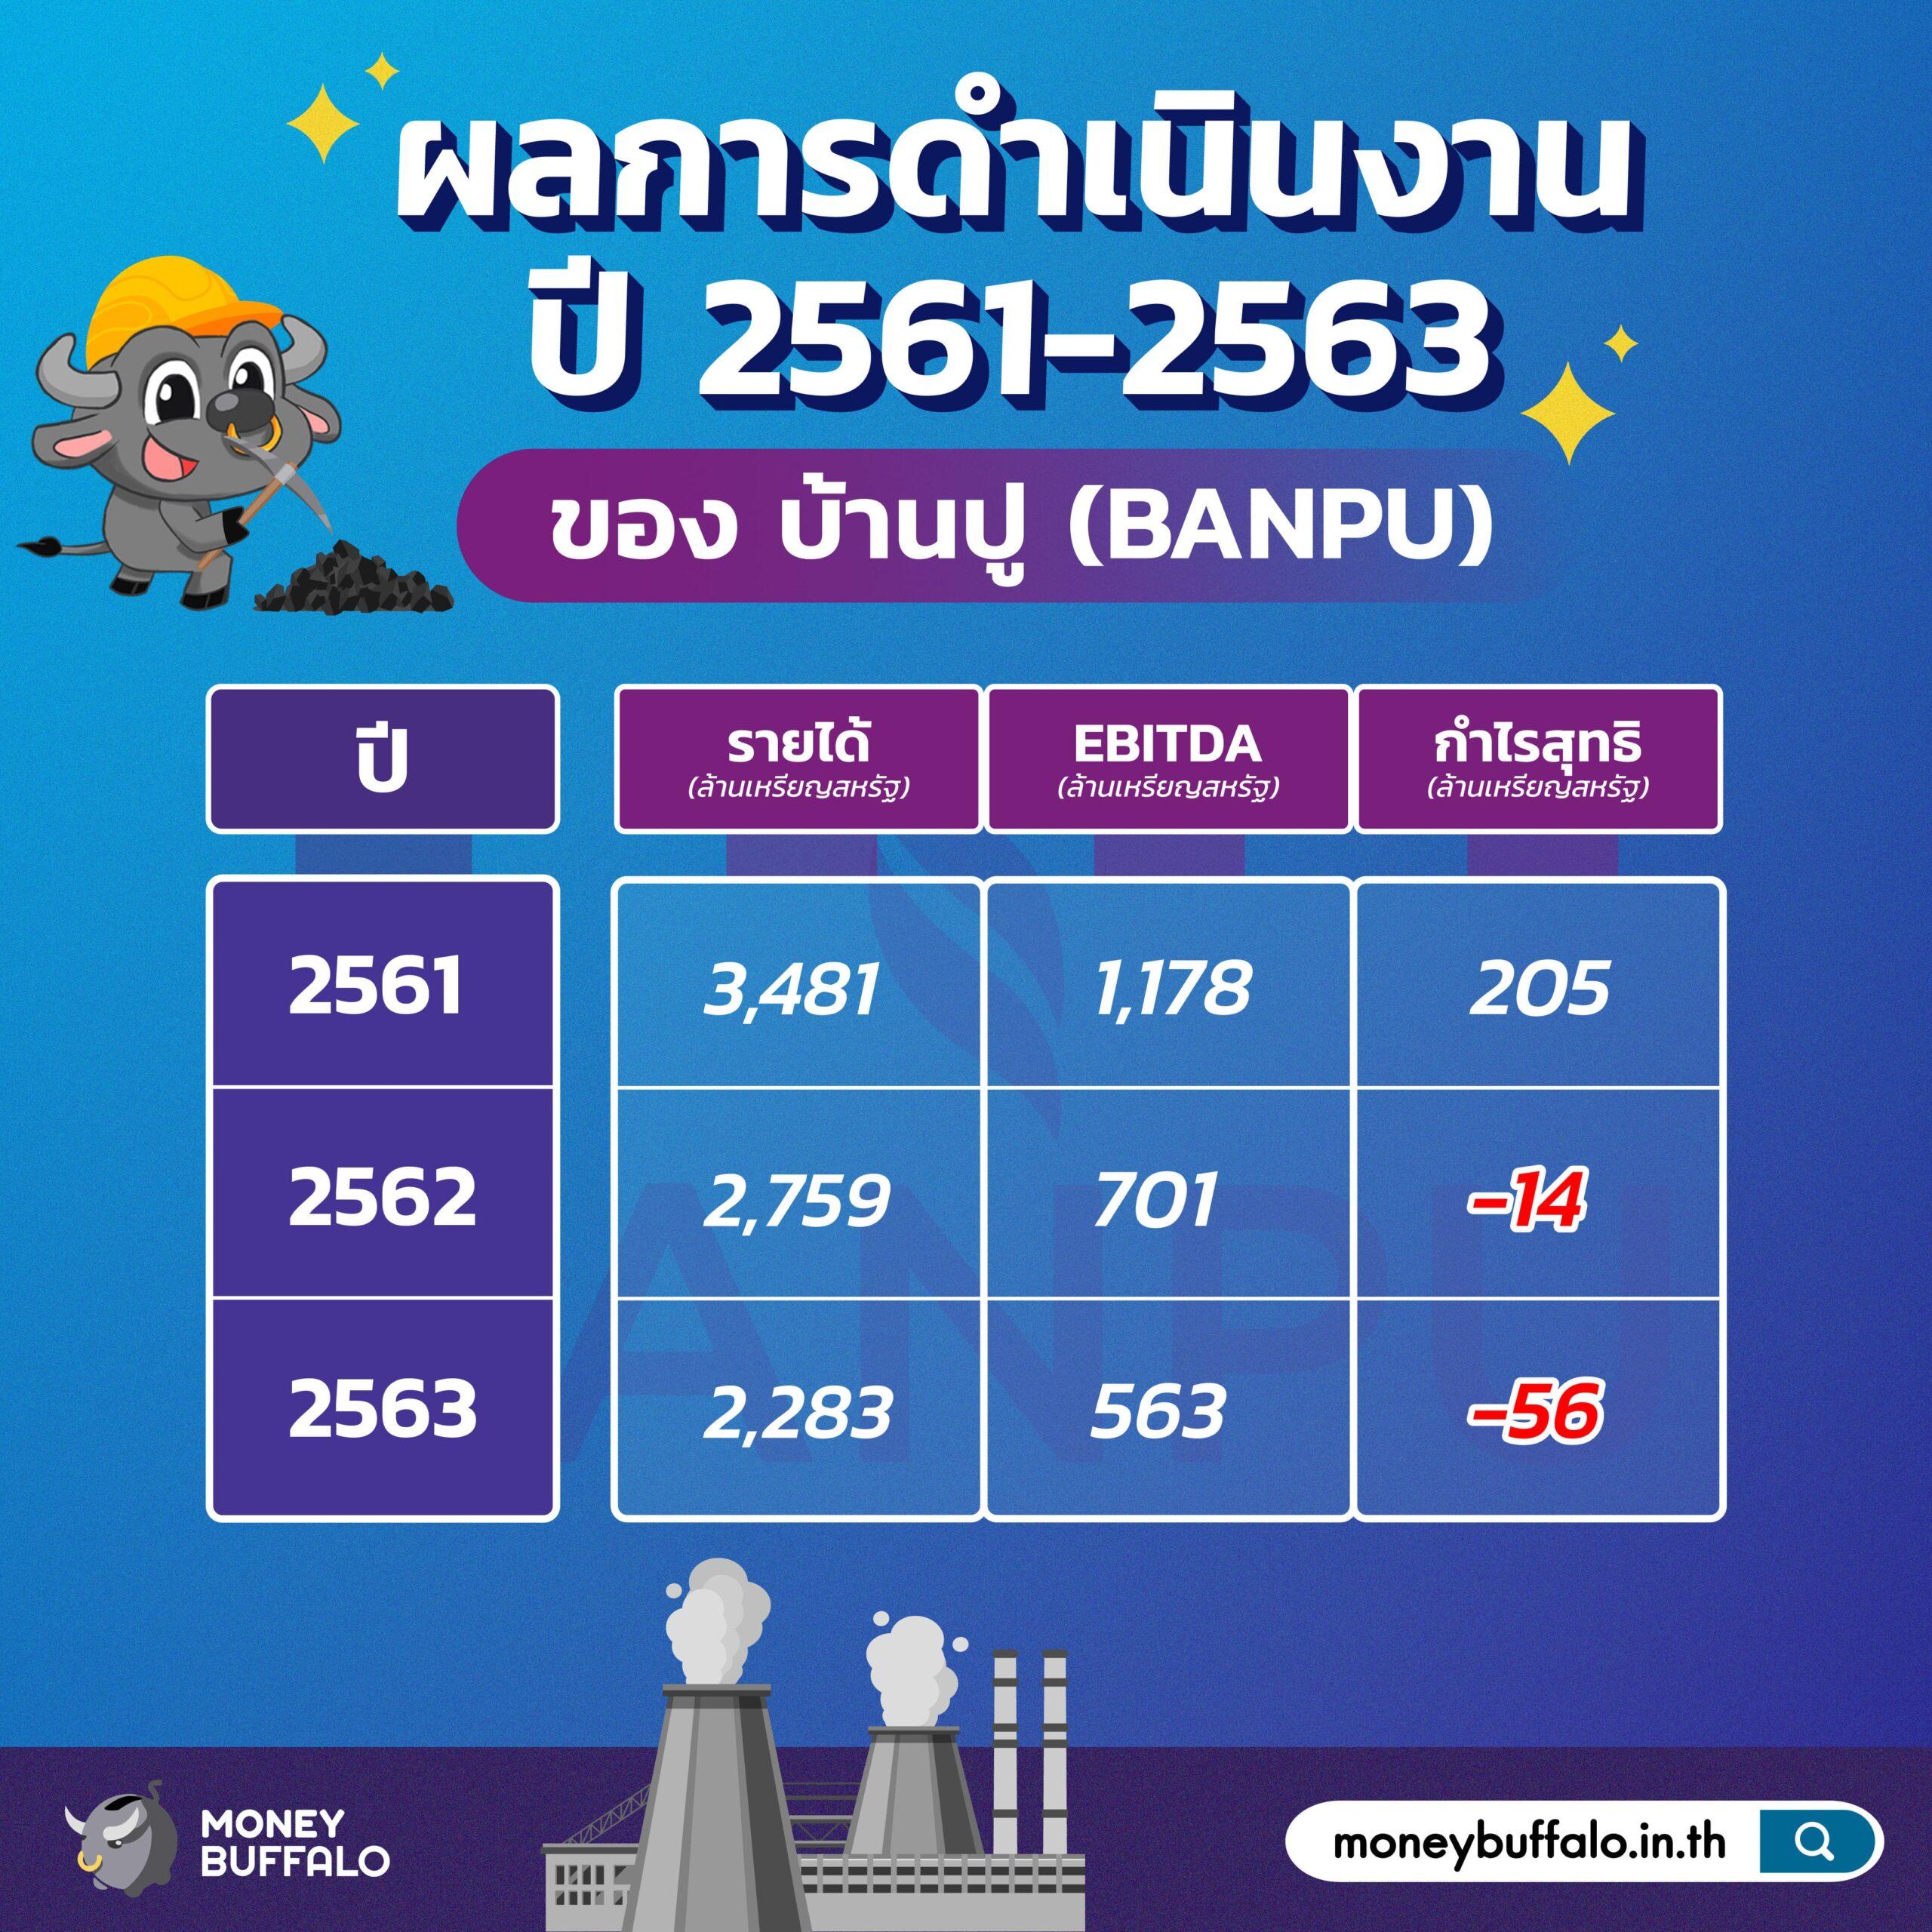 """สรุป """"หุ้น BANPU"""" ผู้ผลิตและจำหน่ายถ่านหินรายใหญ่ที่สุดในไทย"""